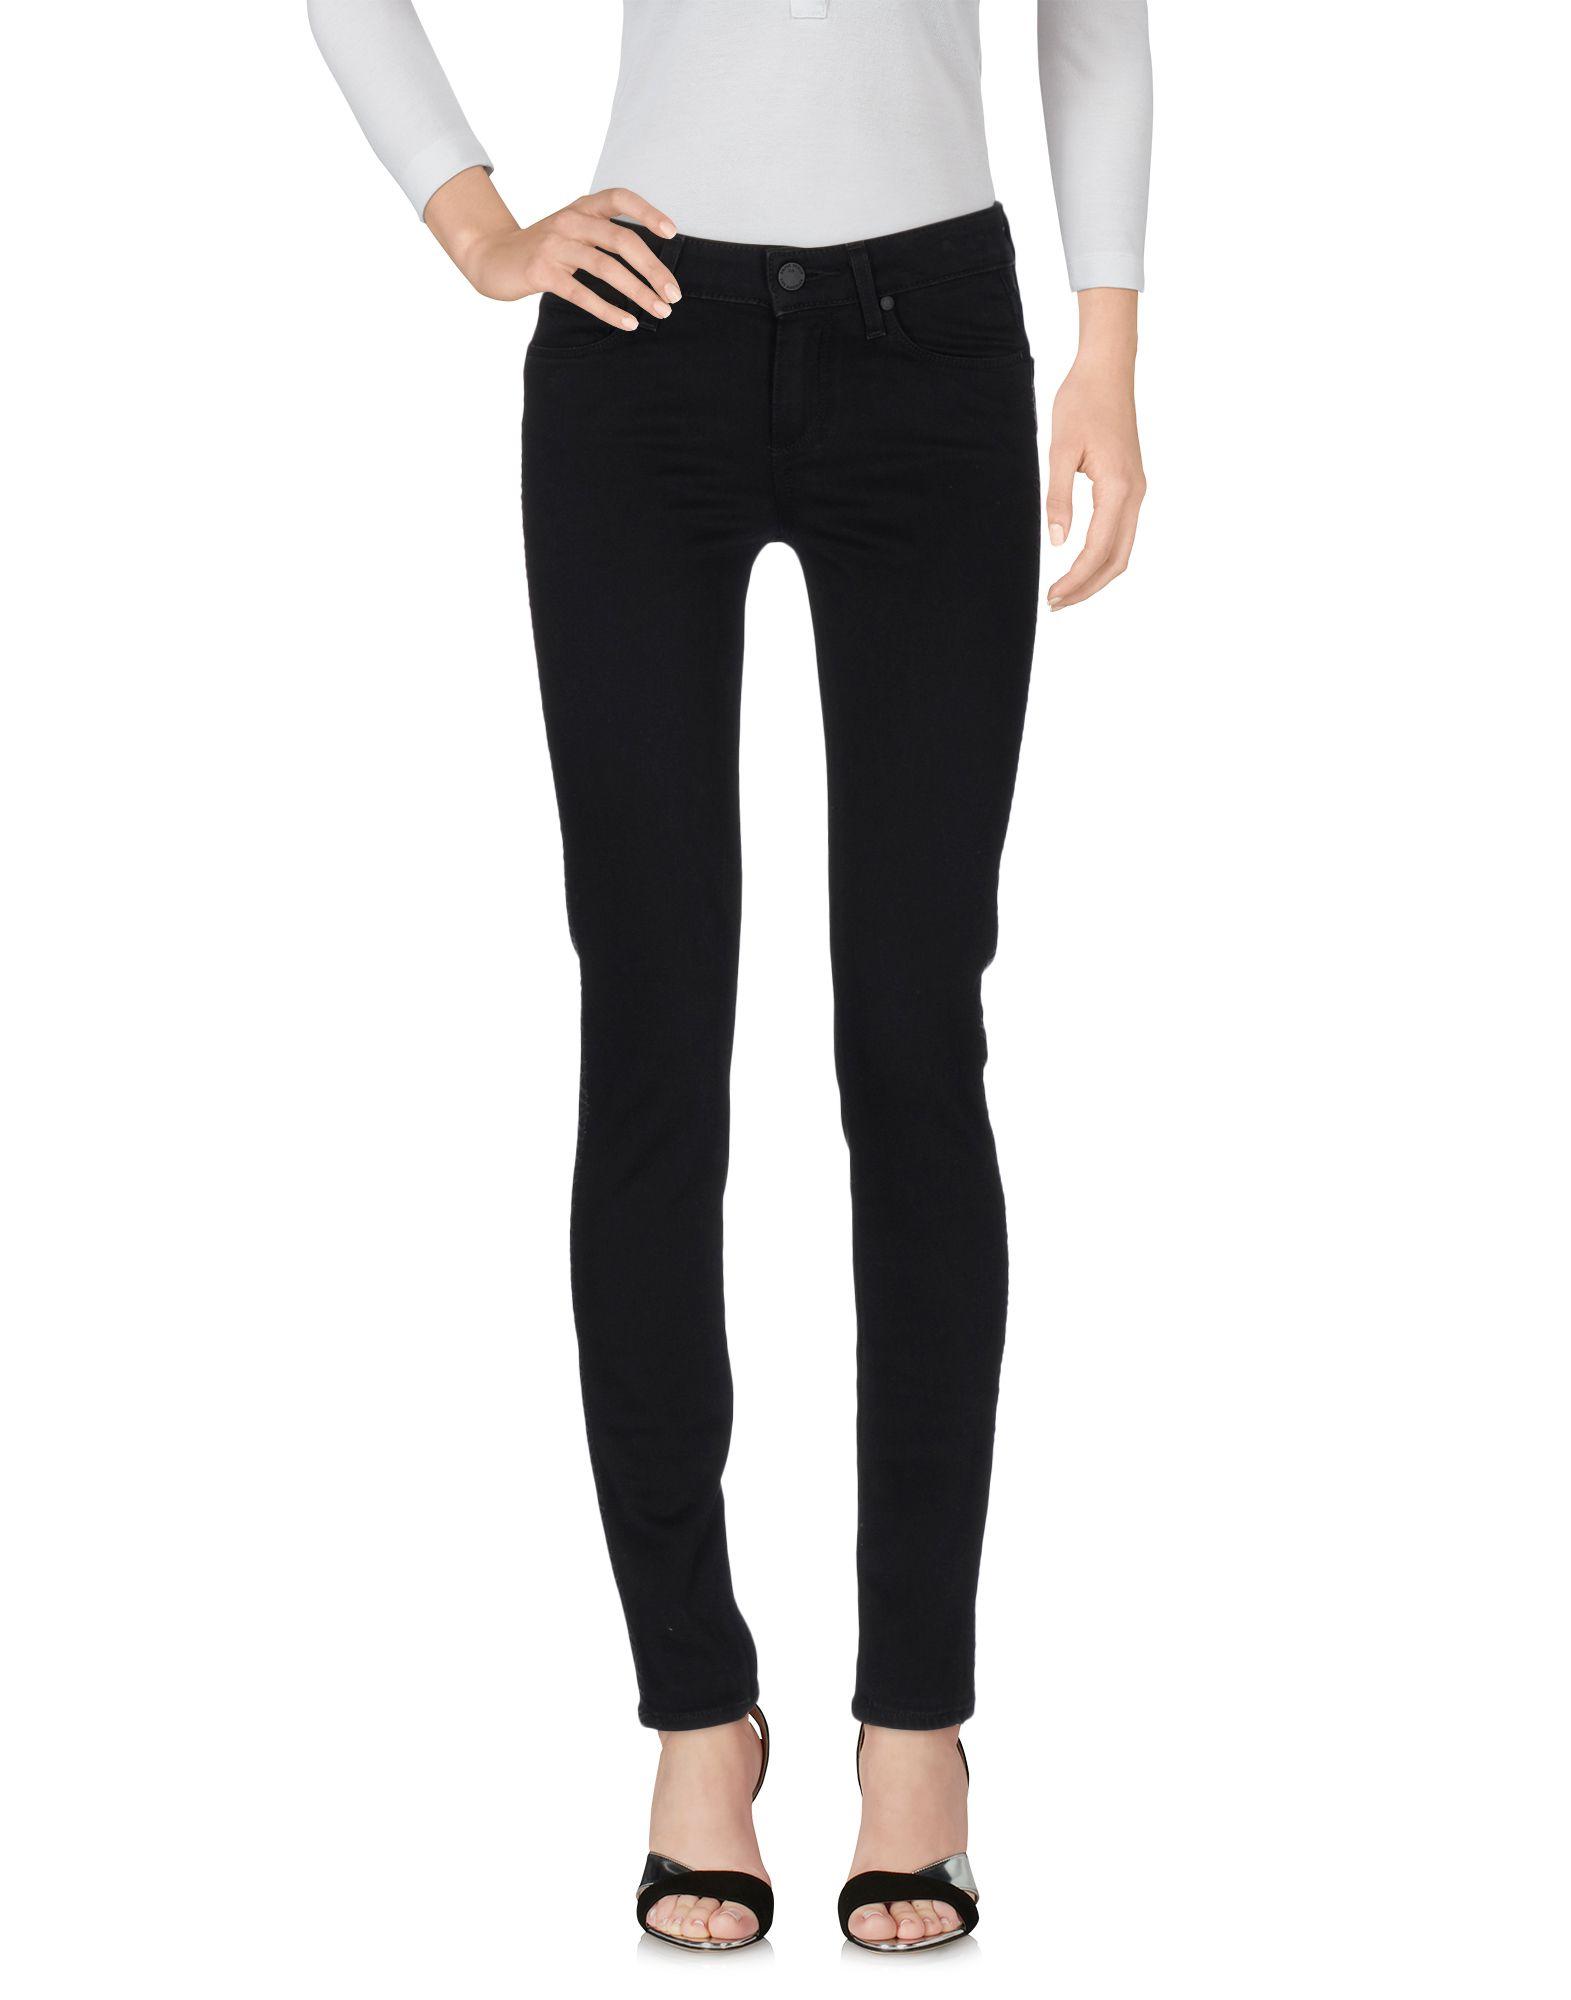 PAIGE Damen Jeanshose Farbe Schwarz Größe 1 jetztbilligerkaufen